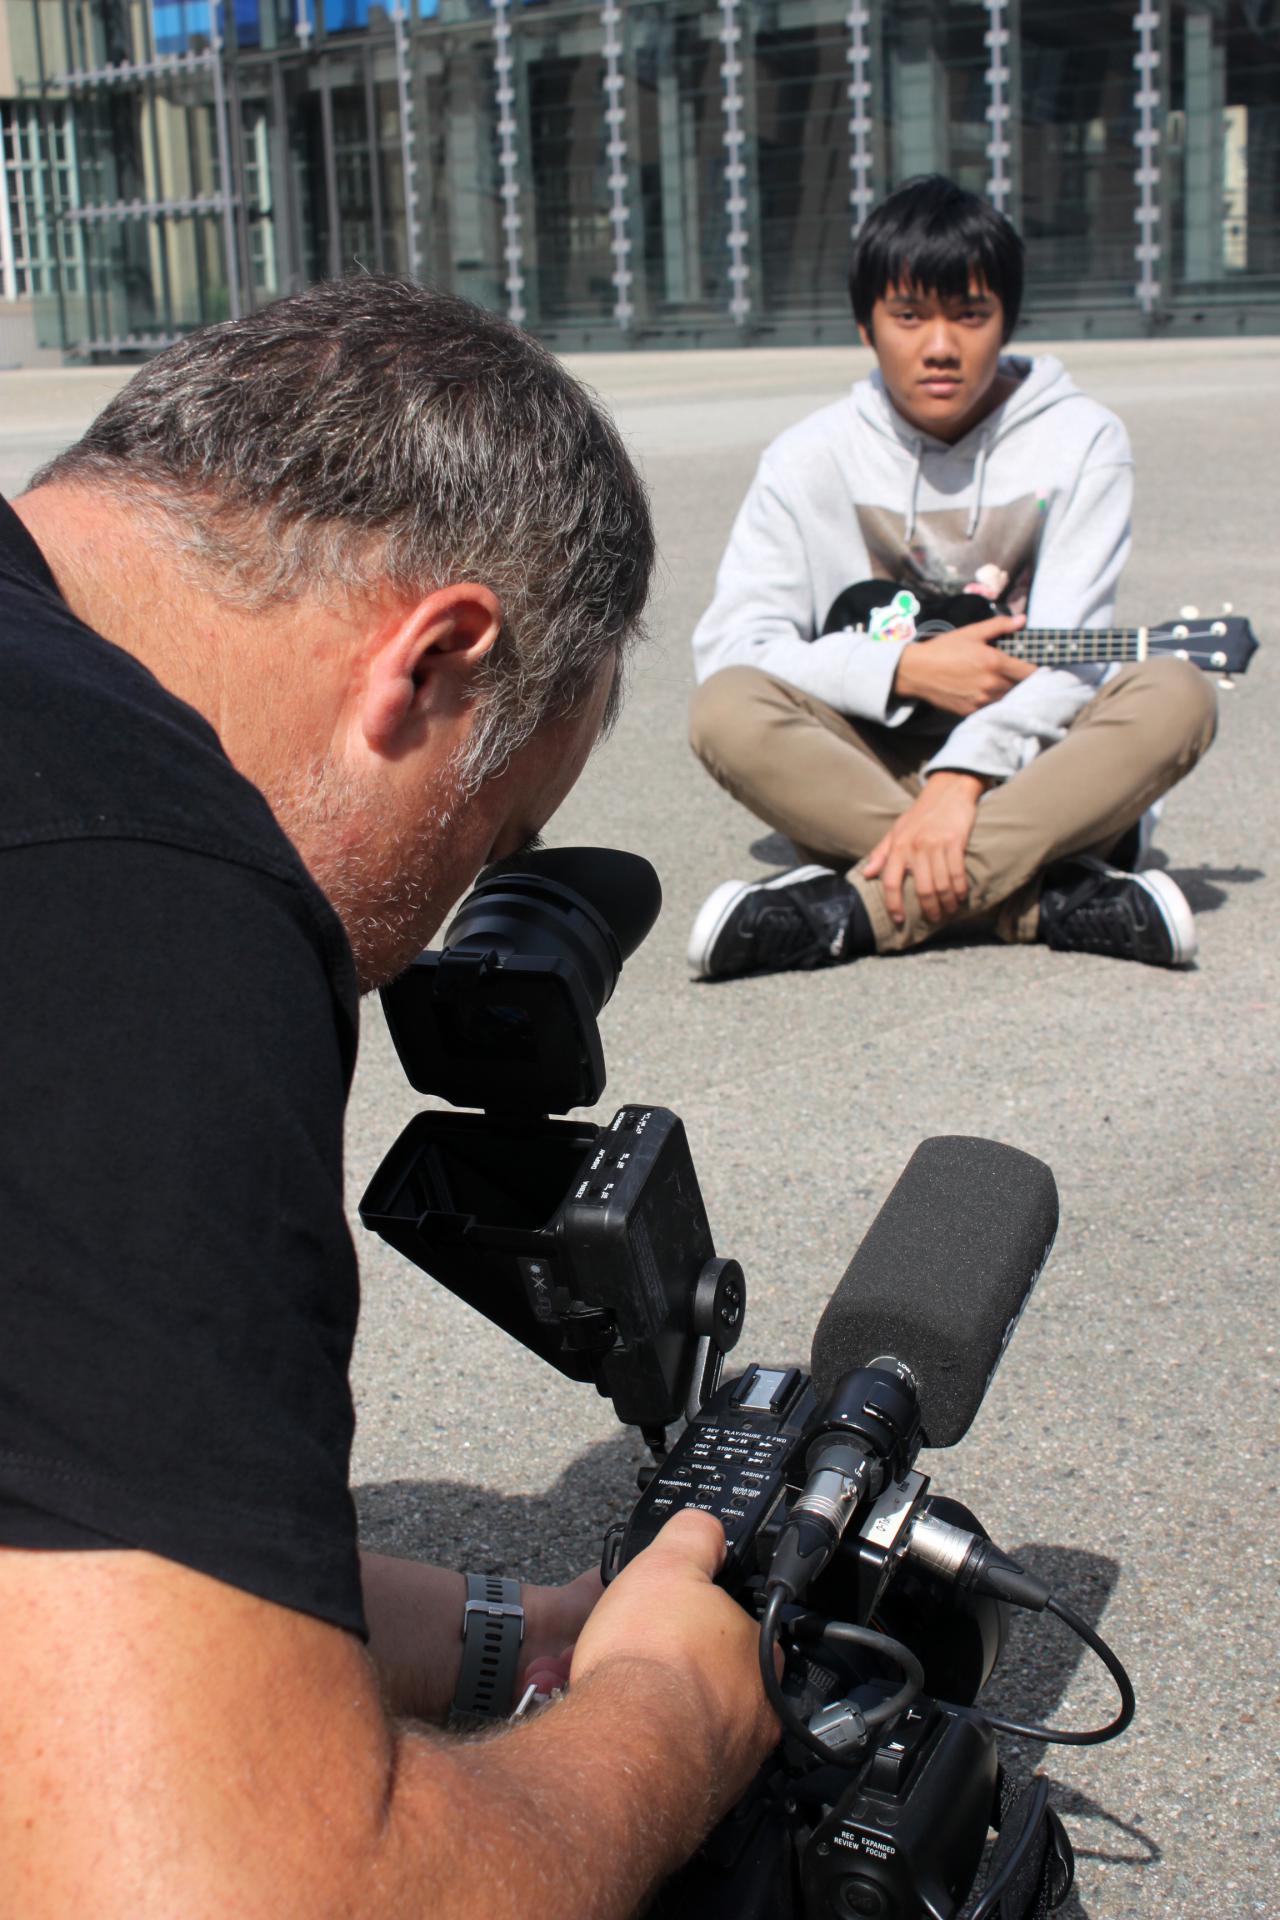 Ein Fotograf macht ein Bild von einem Schüler mit einer Gitarre im Rahmen einer Veranstaltung der Kulturakademie.